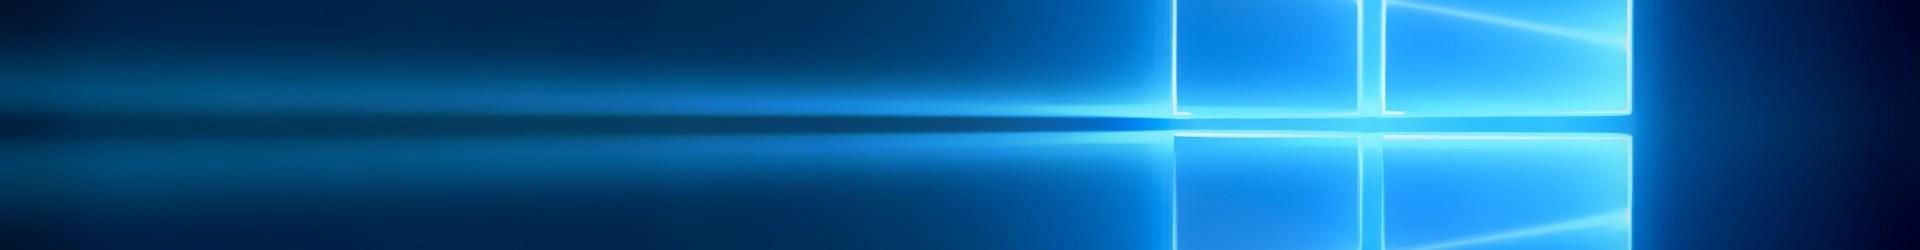 Come installare e configurare Home Assistant su Windows